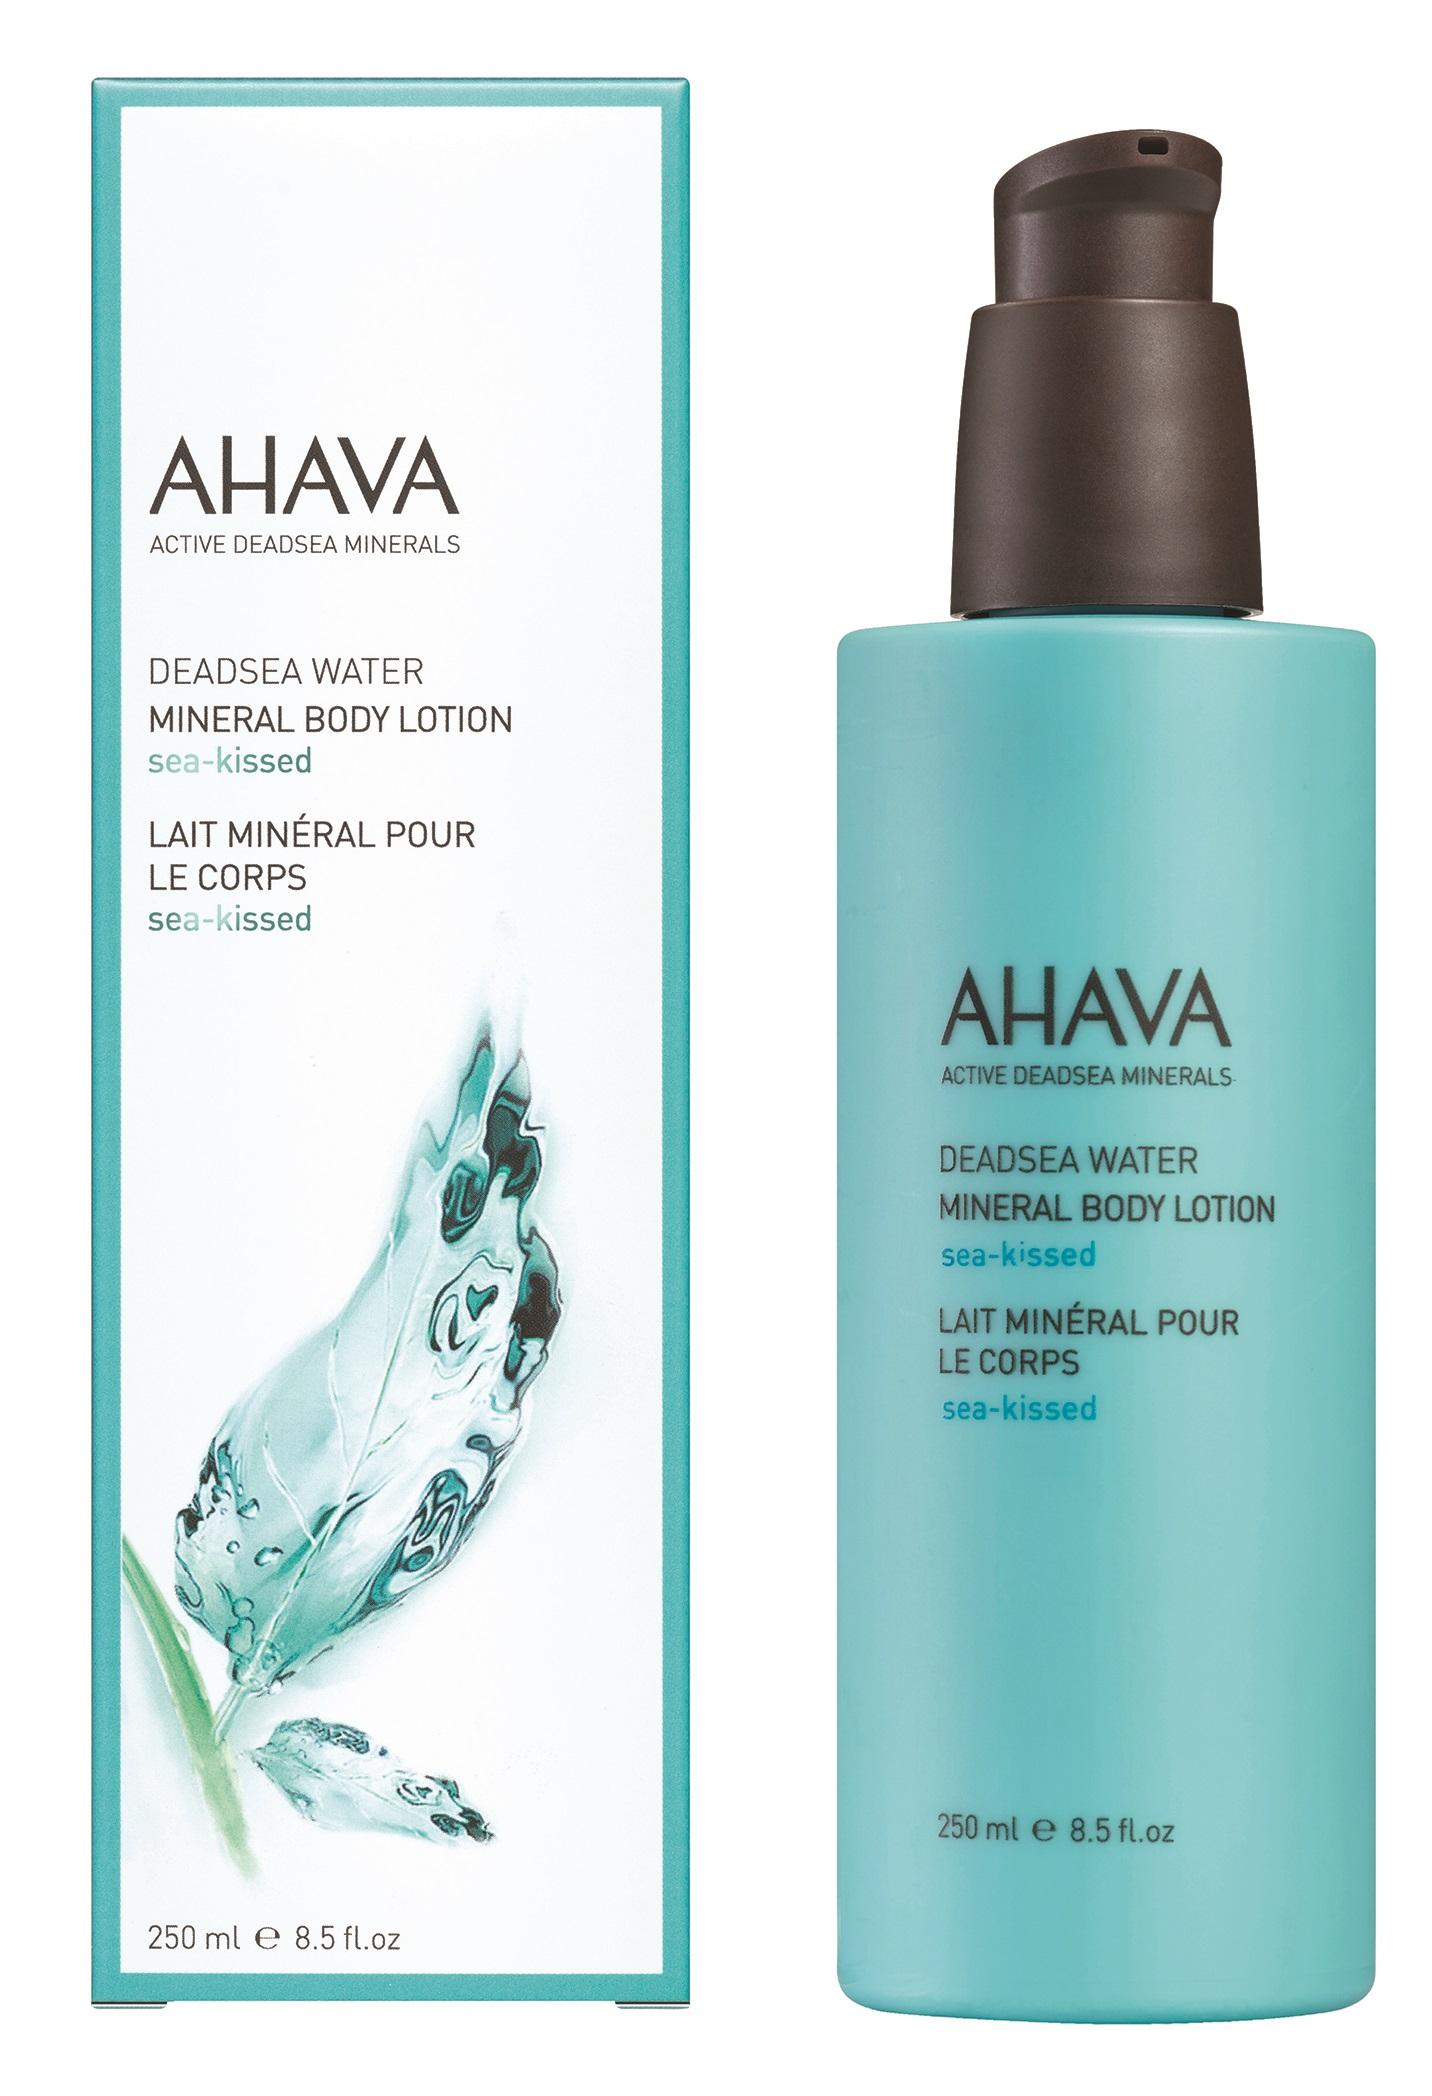 AHAVA Крем минеральный для тела / Sea Kissed Deadsea Water 250 мл -  Лосьоны